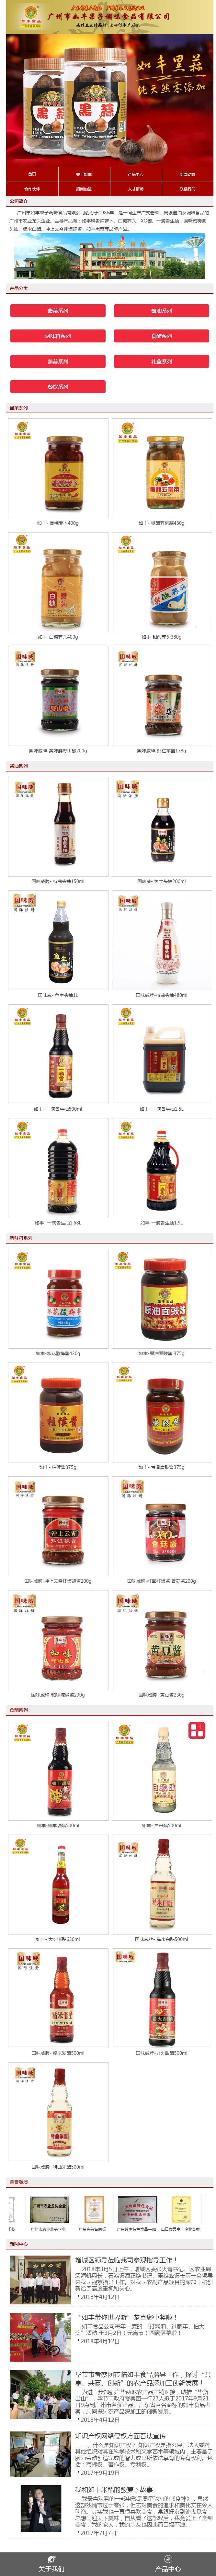 廣州市如豐果子調味食品有限公司.jpg